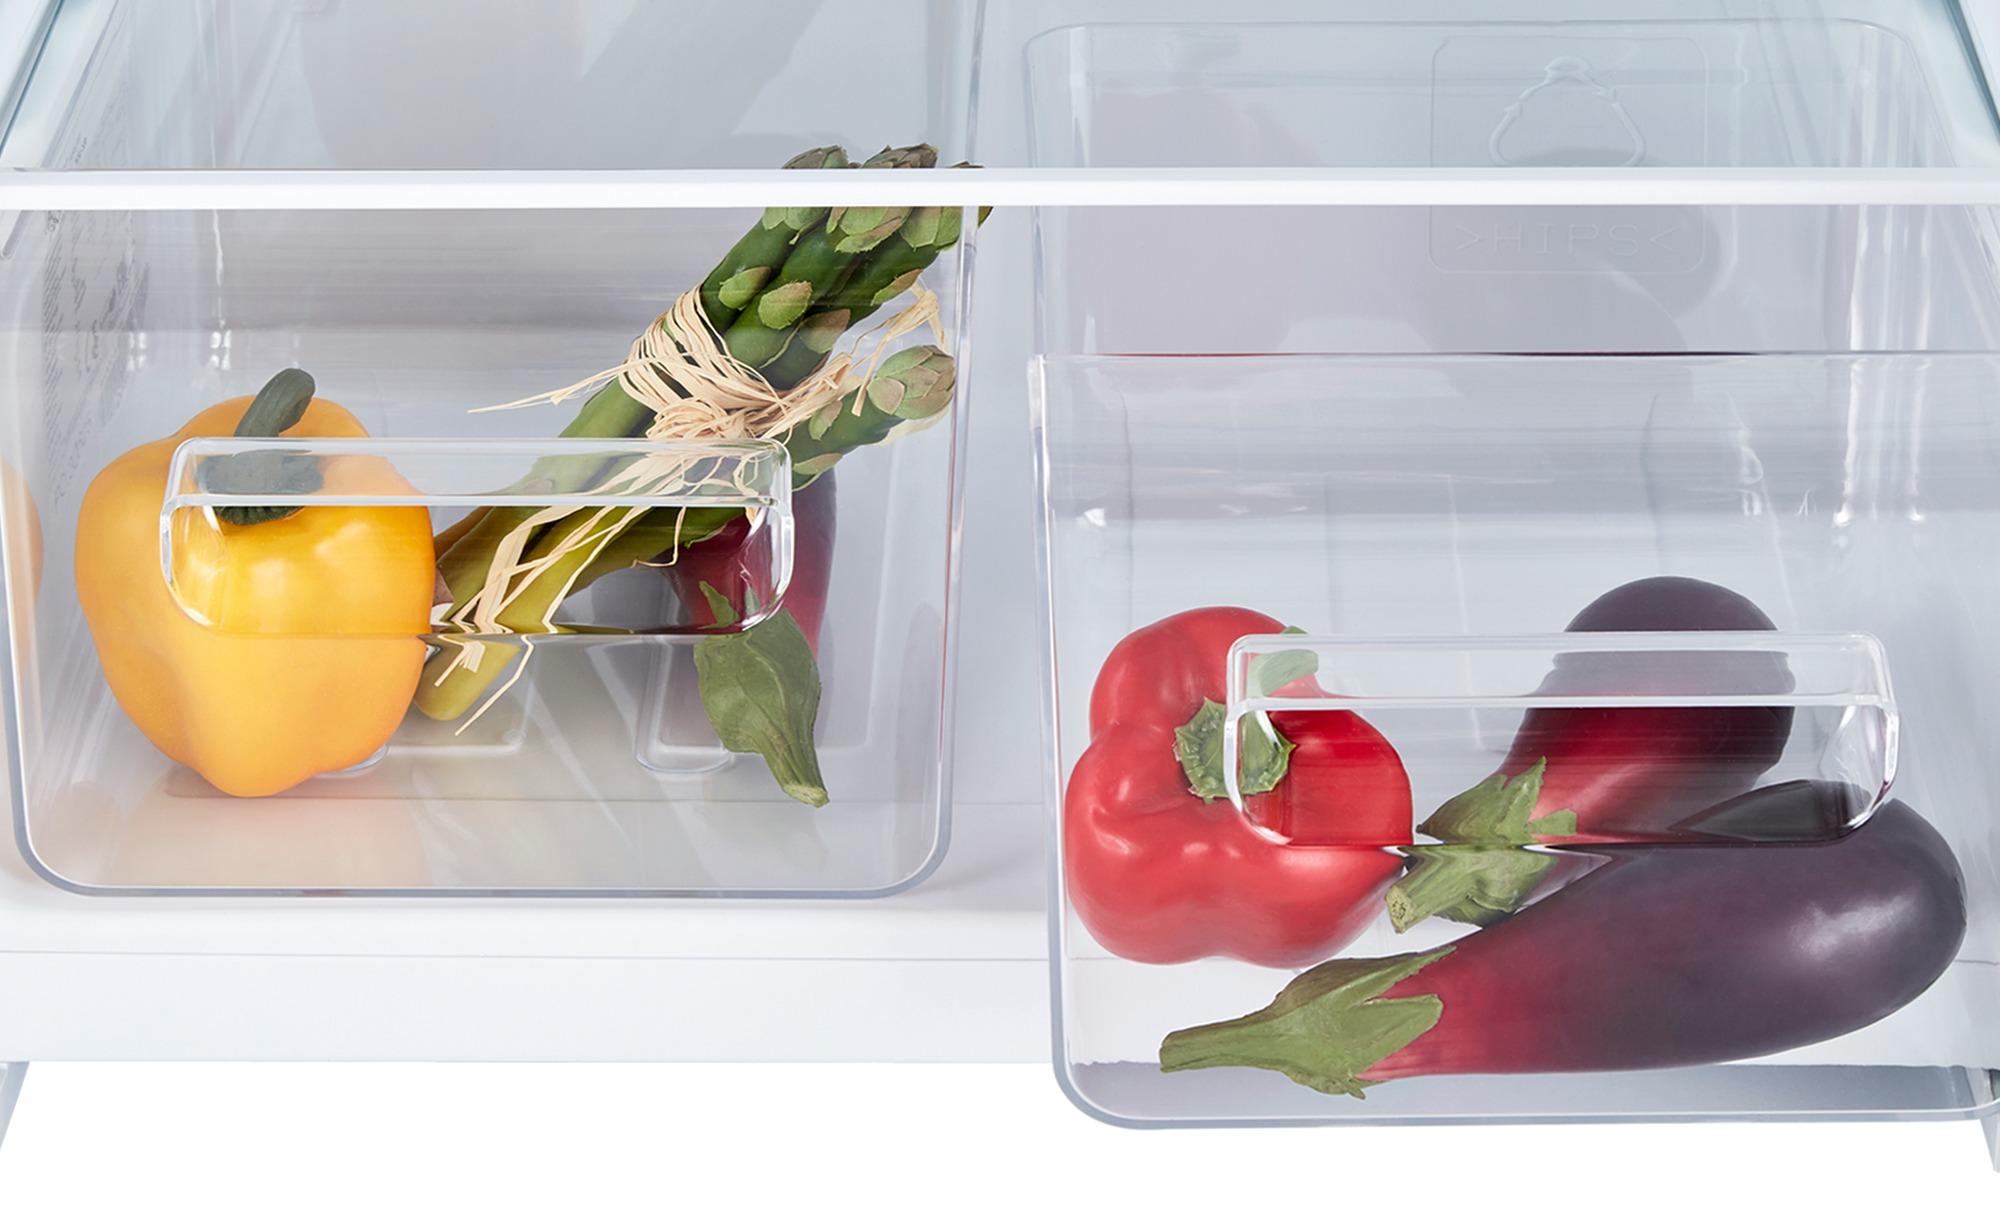 Bomann Kühlschrank 50 Cm Breit : Bomann einbaukühlschrank kse 336 möbel höffner